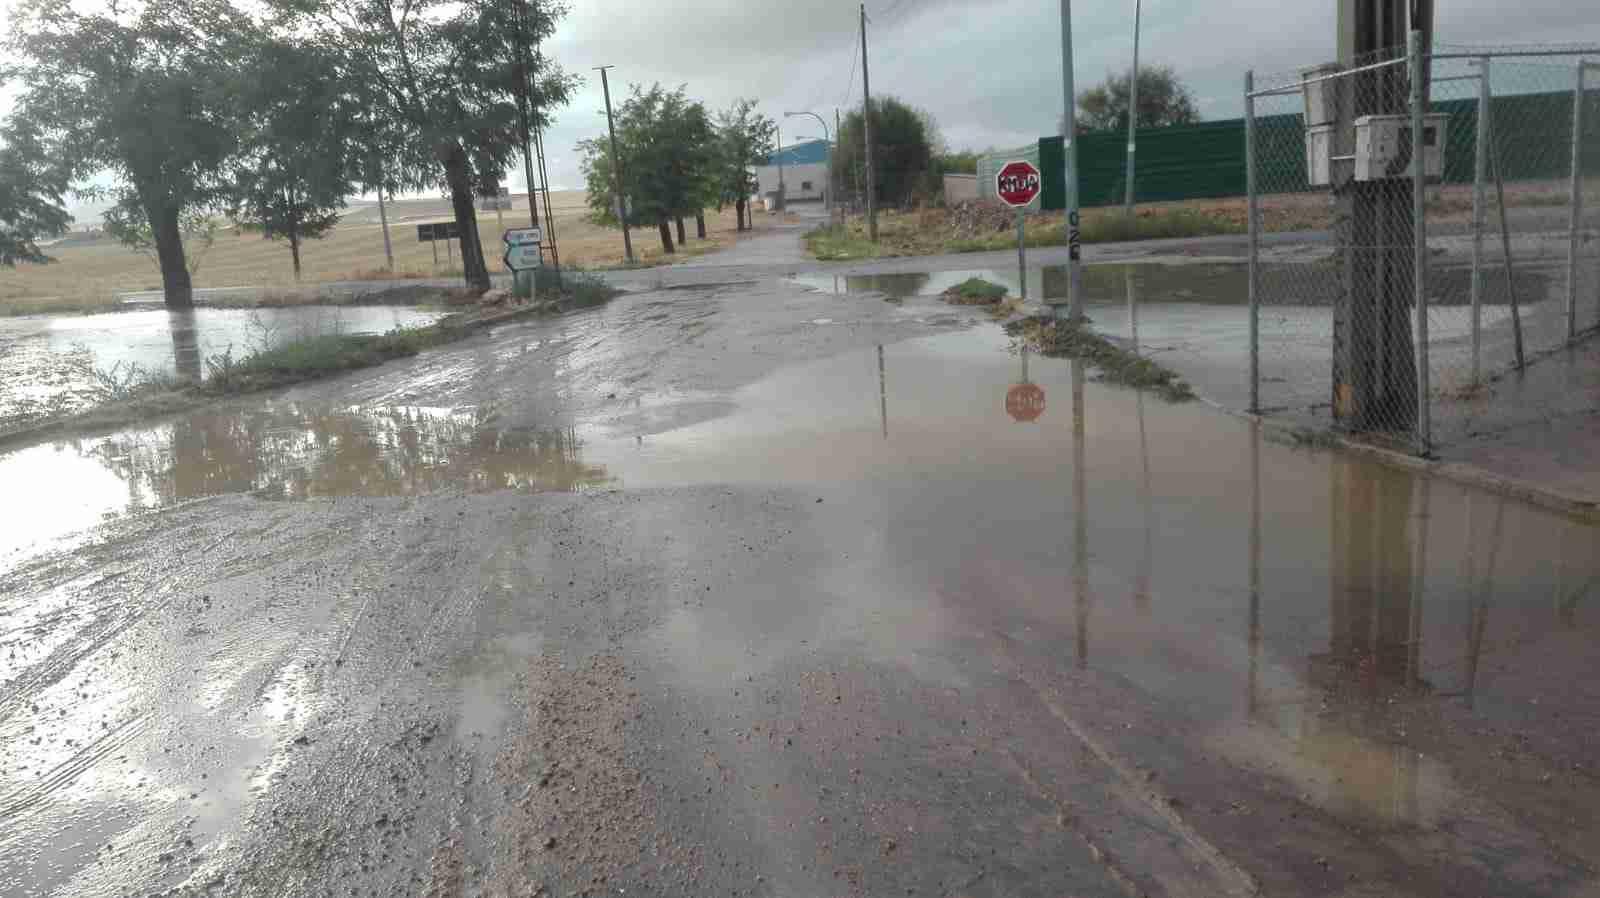 Las calles y carreteras de Calzada de Calatrava sufrieron gran cantidad de inundaciones y desperfectos 1